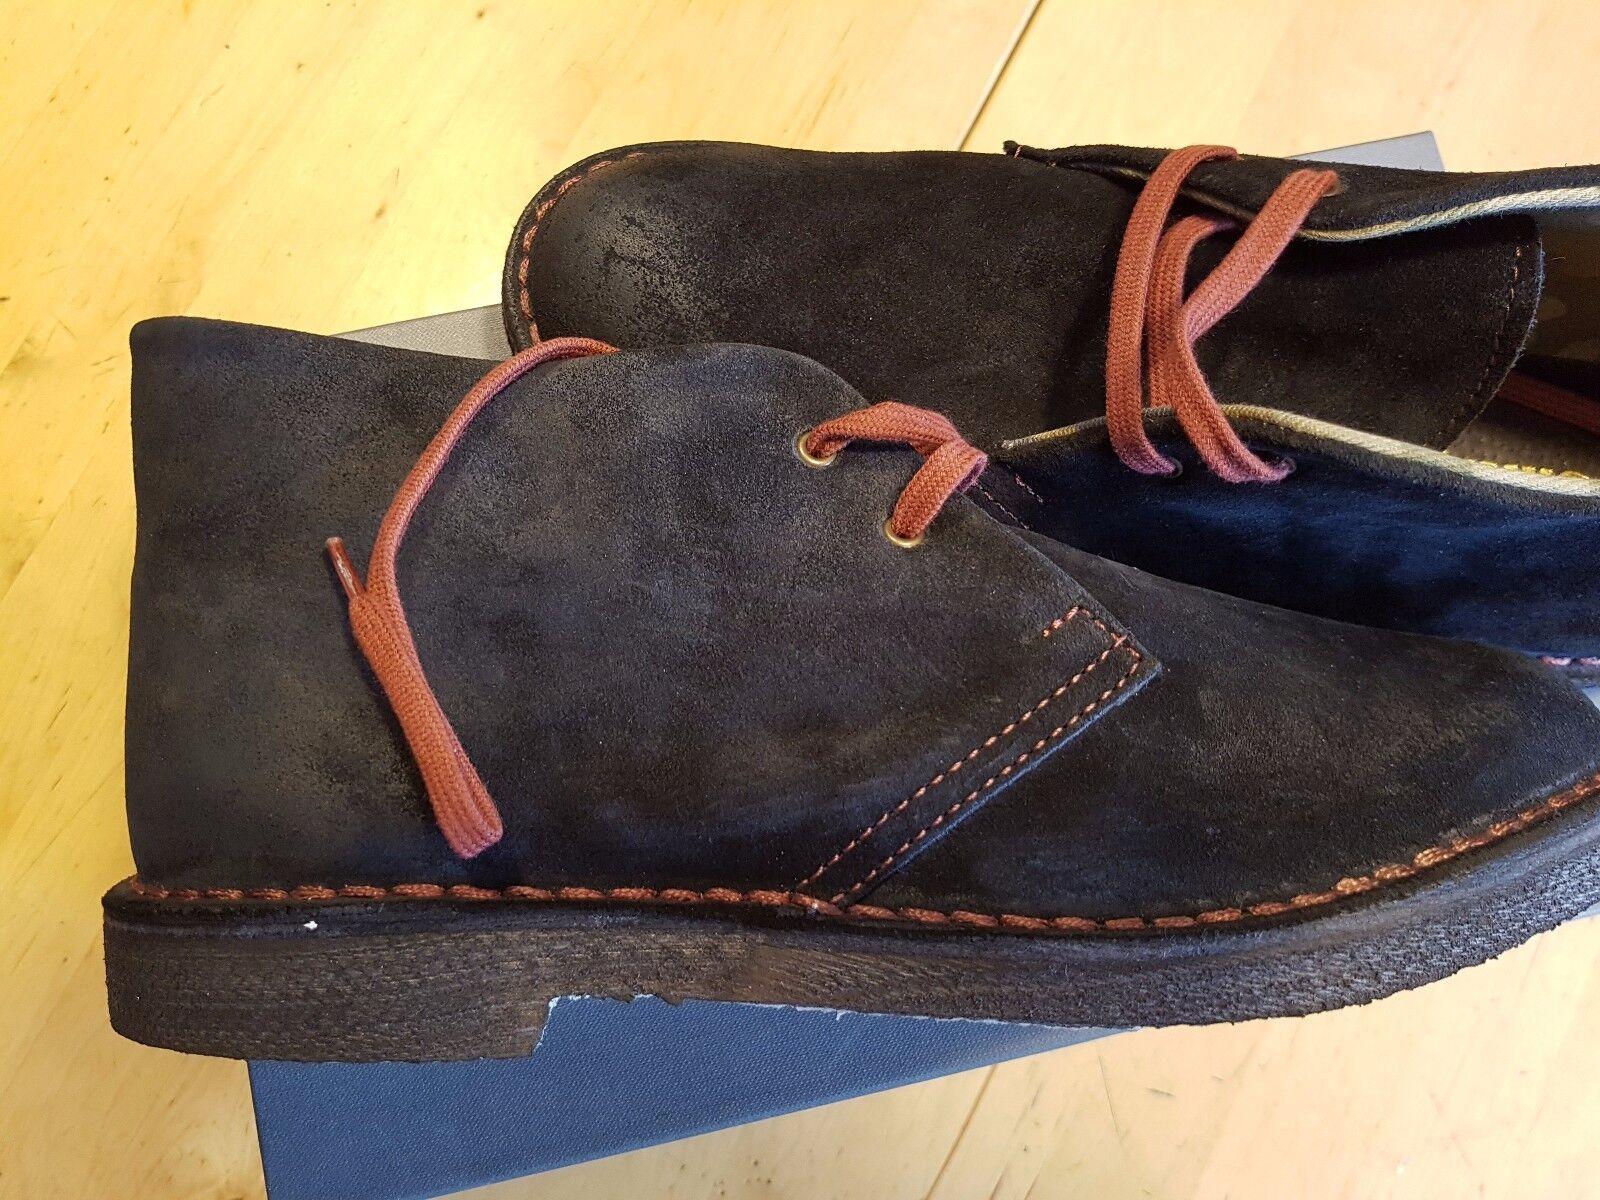 Cinti Stiefelette Desert Boot Colour ORIGINAL Blu Gr. 41 NEU ORIGINAL Colour 88e8ed